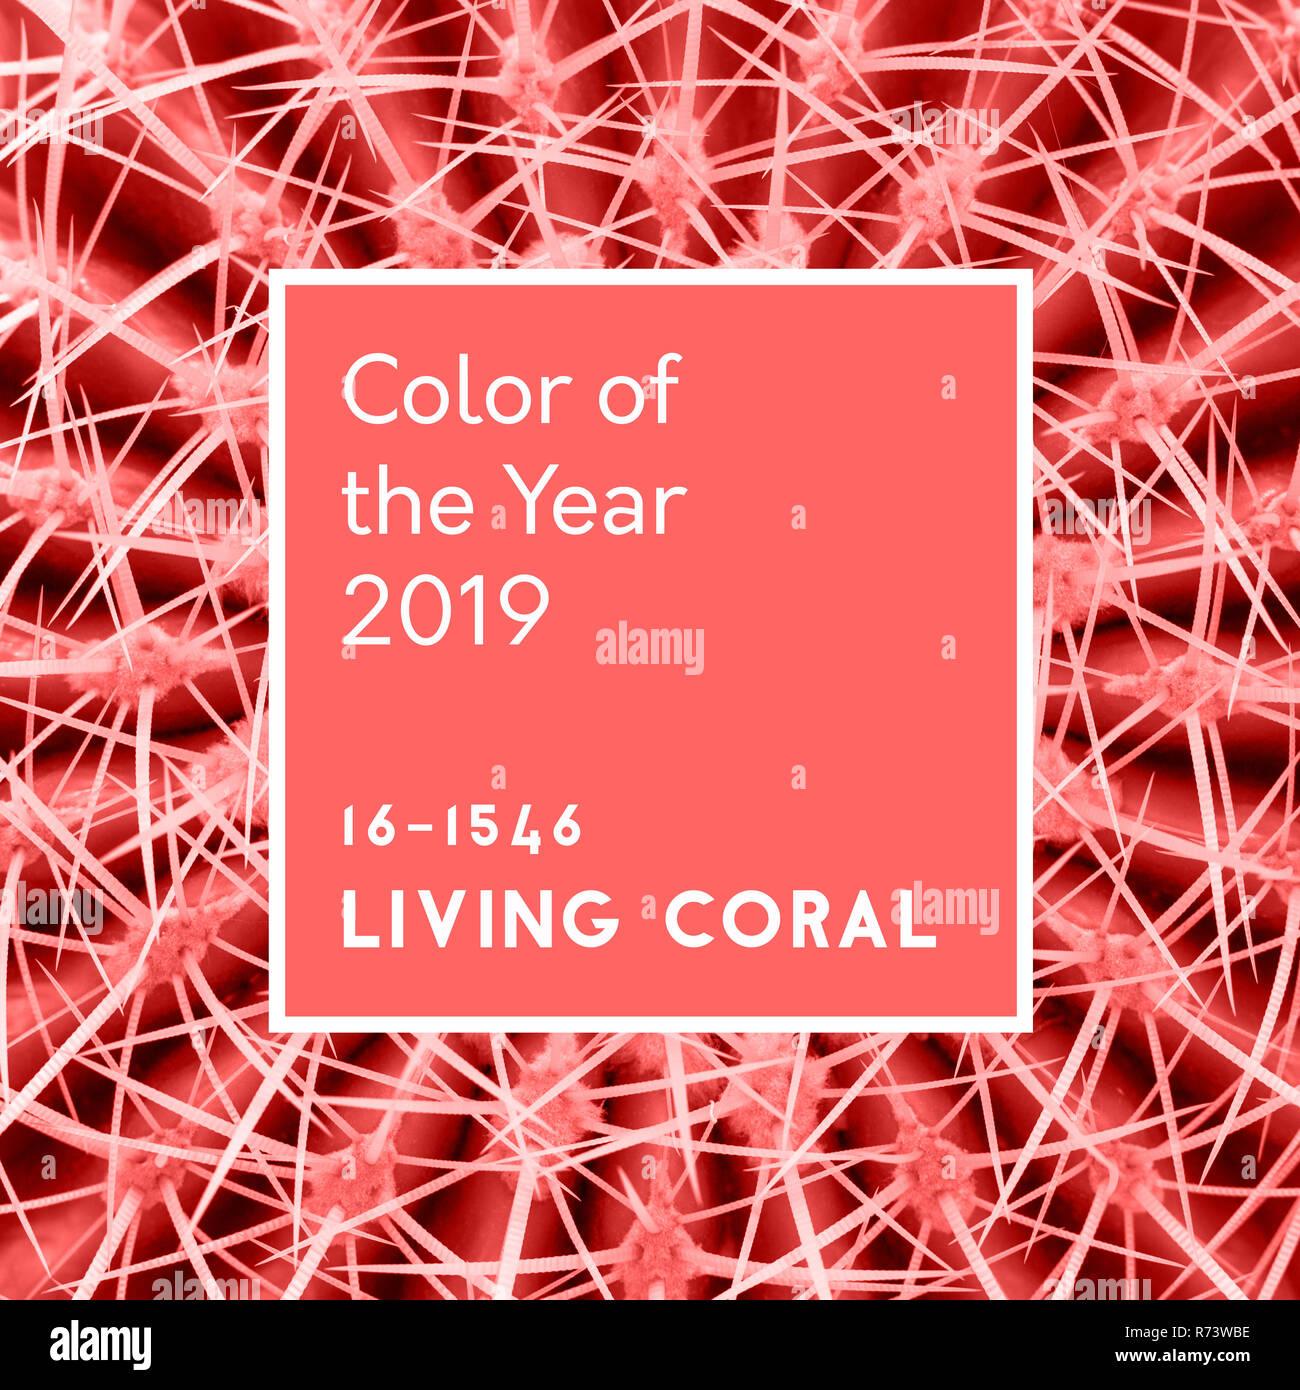 Résumé fond. Épines de cactus dans le quartier branché de coraux vivants couleur pastel. Inscription couleur de l'année 2019 Photo Stock